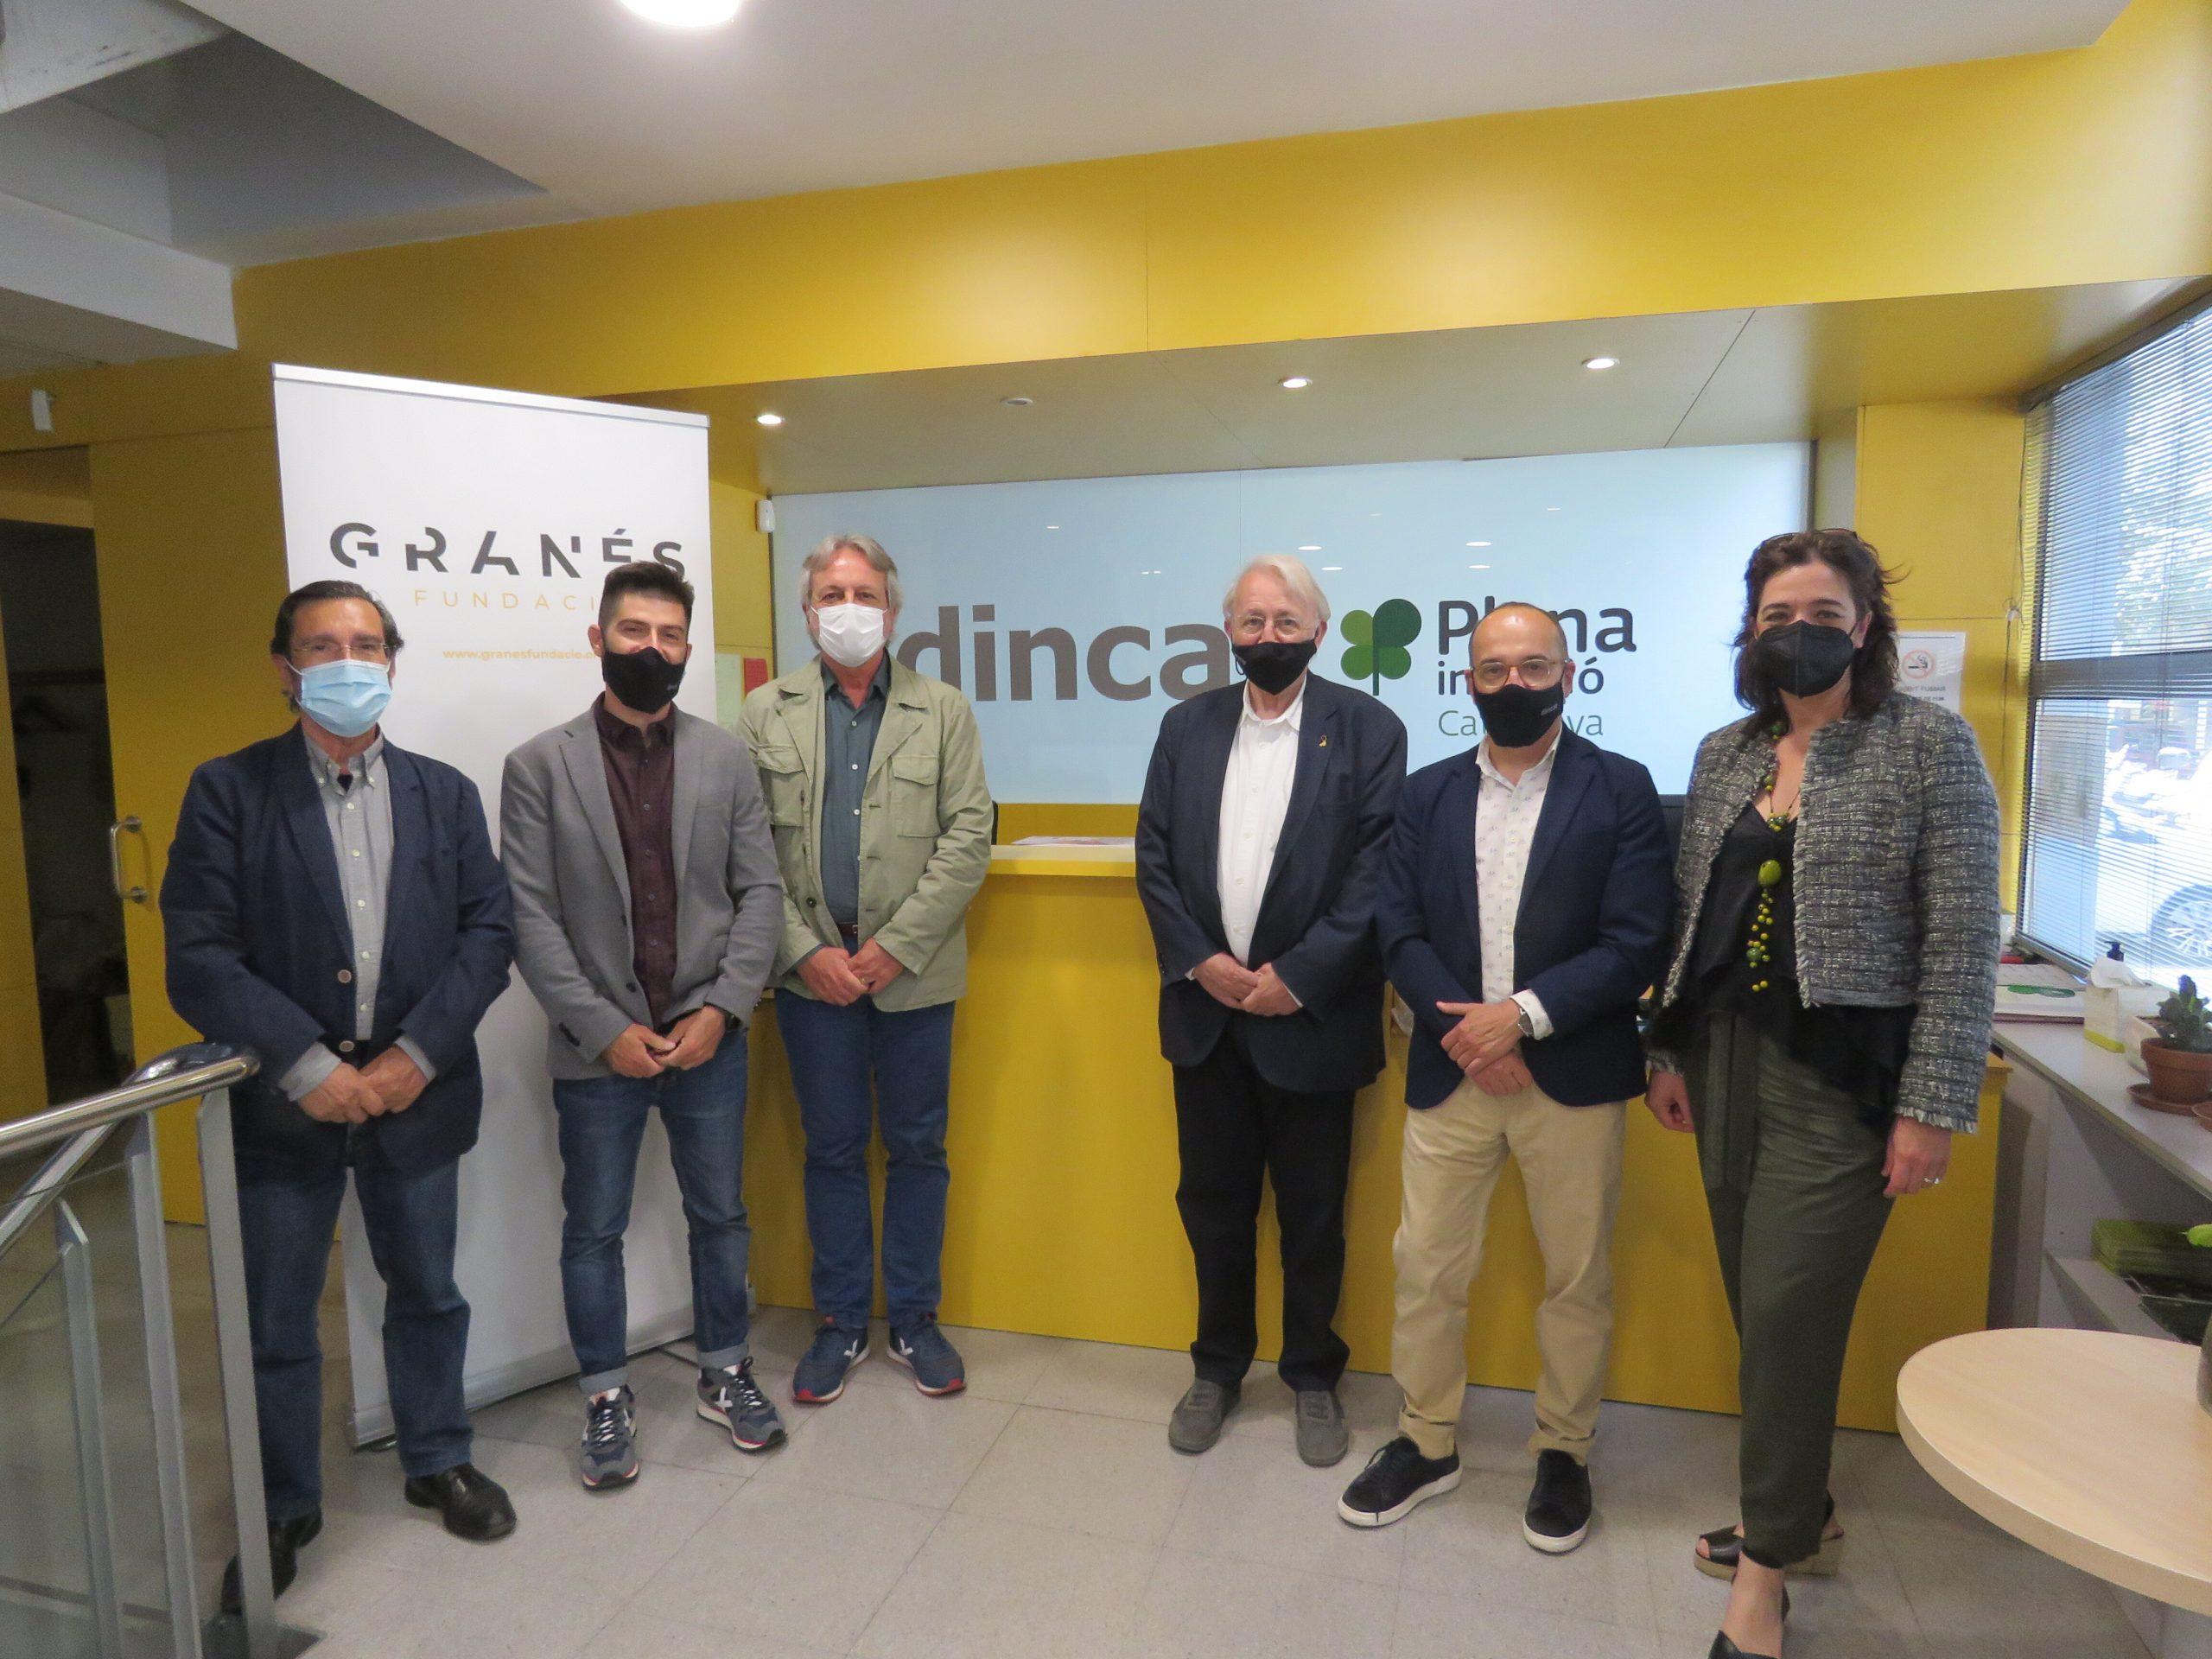 Neix LabDincat, L'espai De Recerca I Coneixement Del Sector De La Discapacitat Intel·lectual A Catalunya